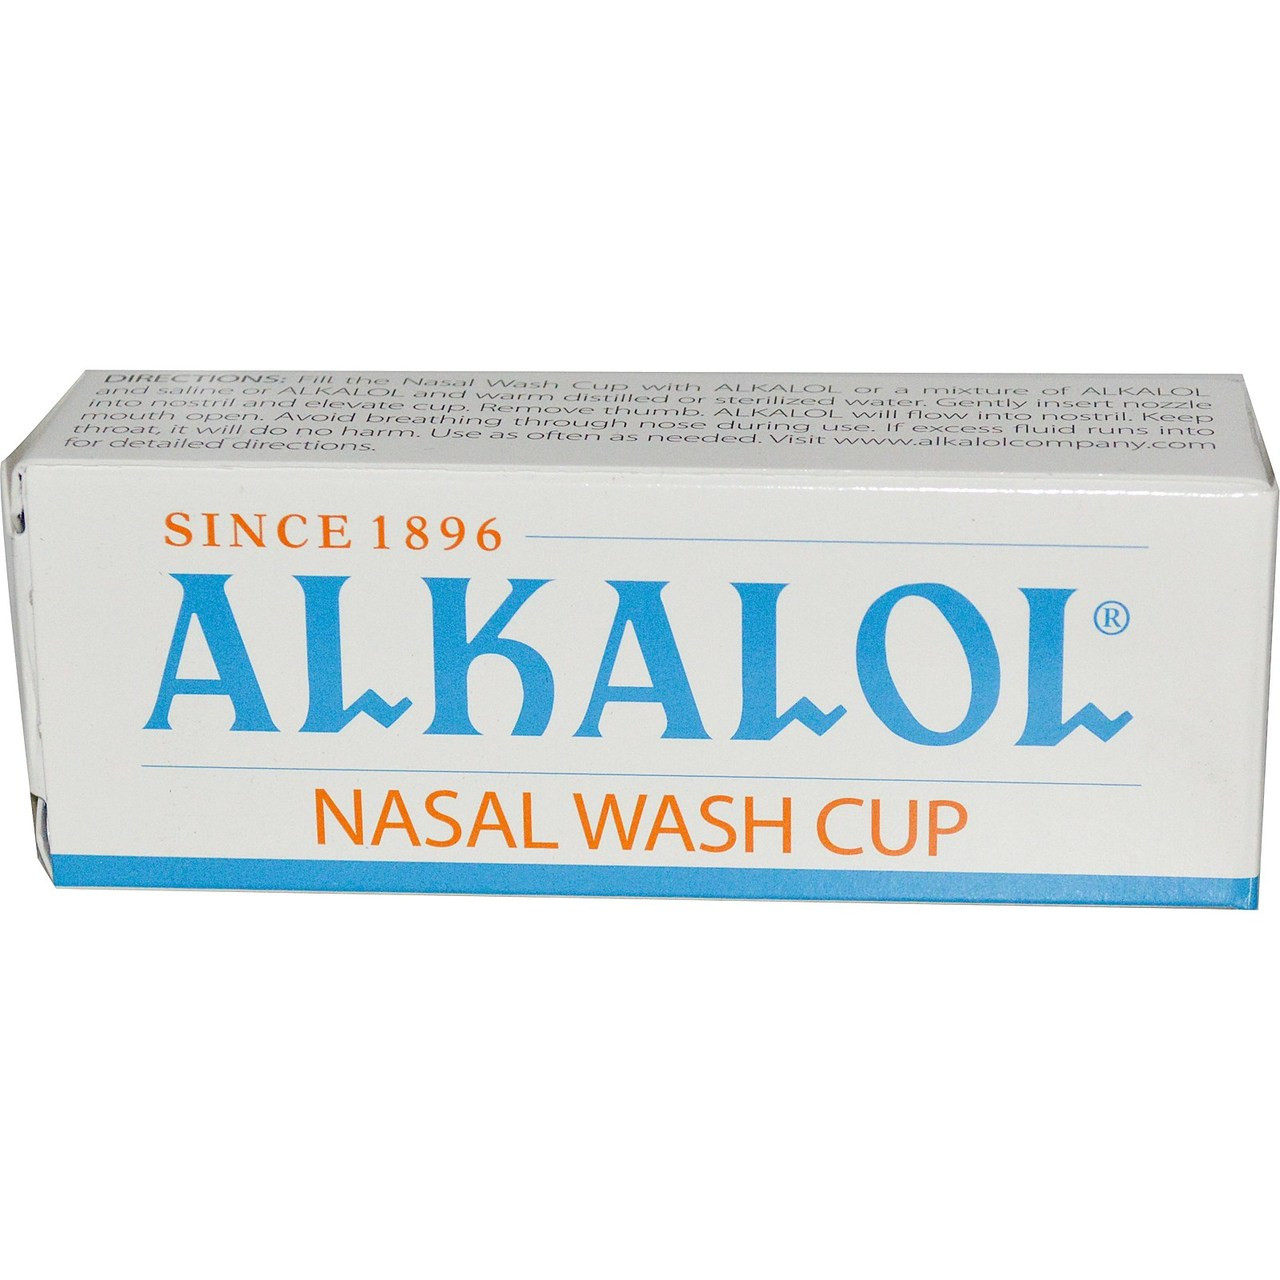 Alkalol Nasal Wash Cup, 1 Ea